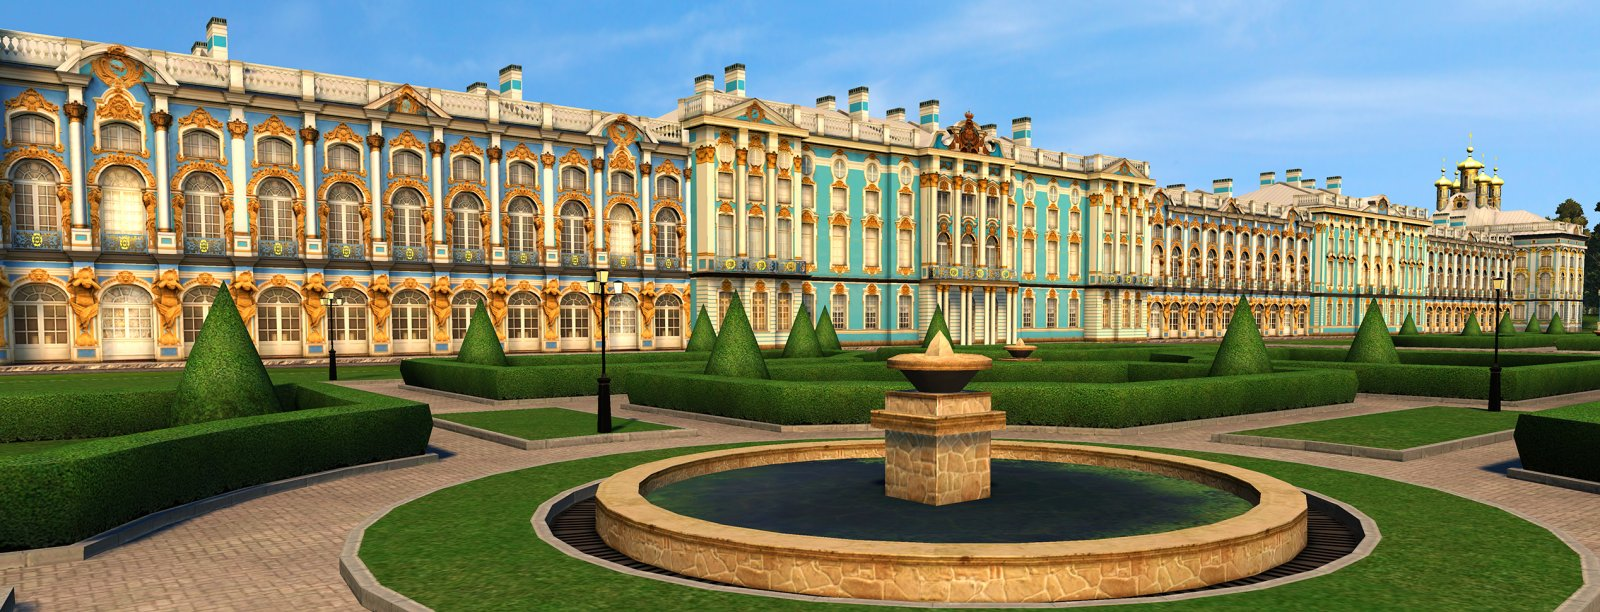 Екатерининский дворец задний двор.jpg